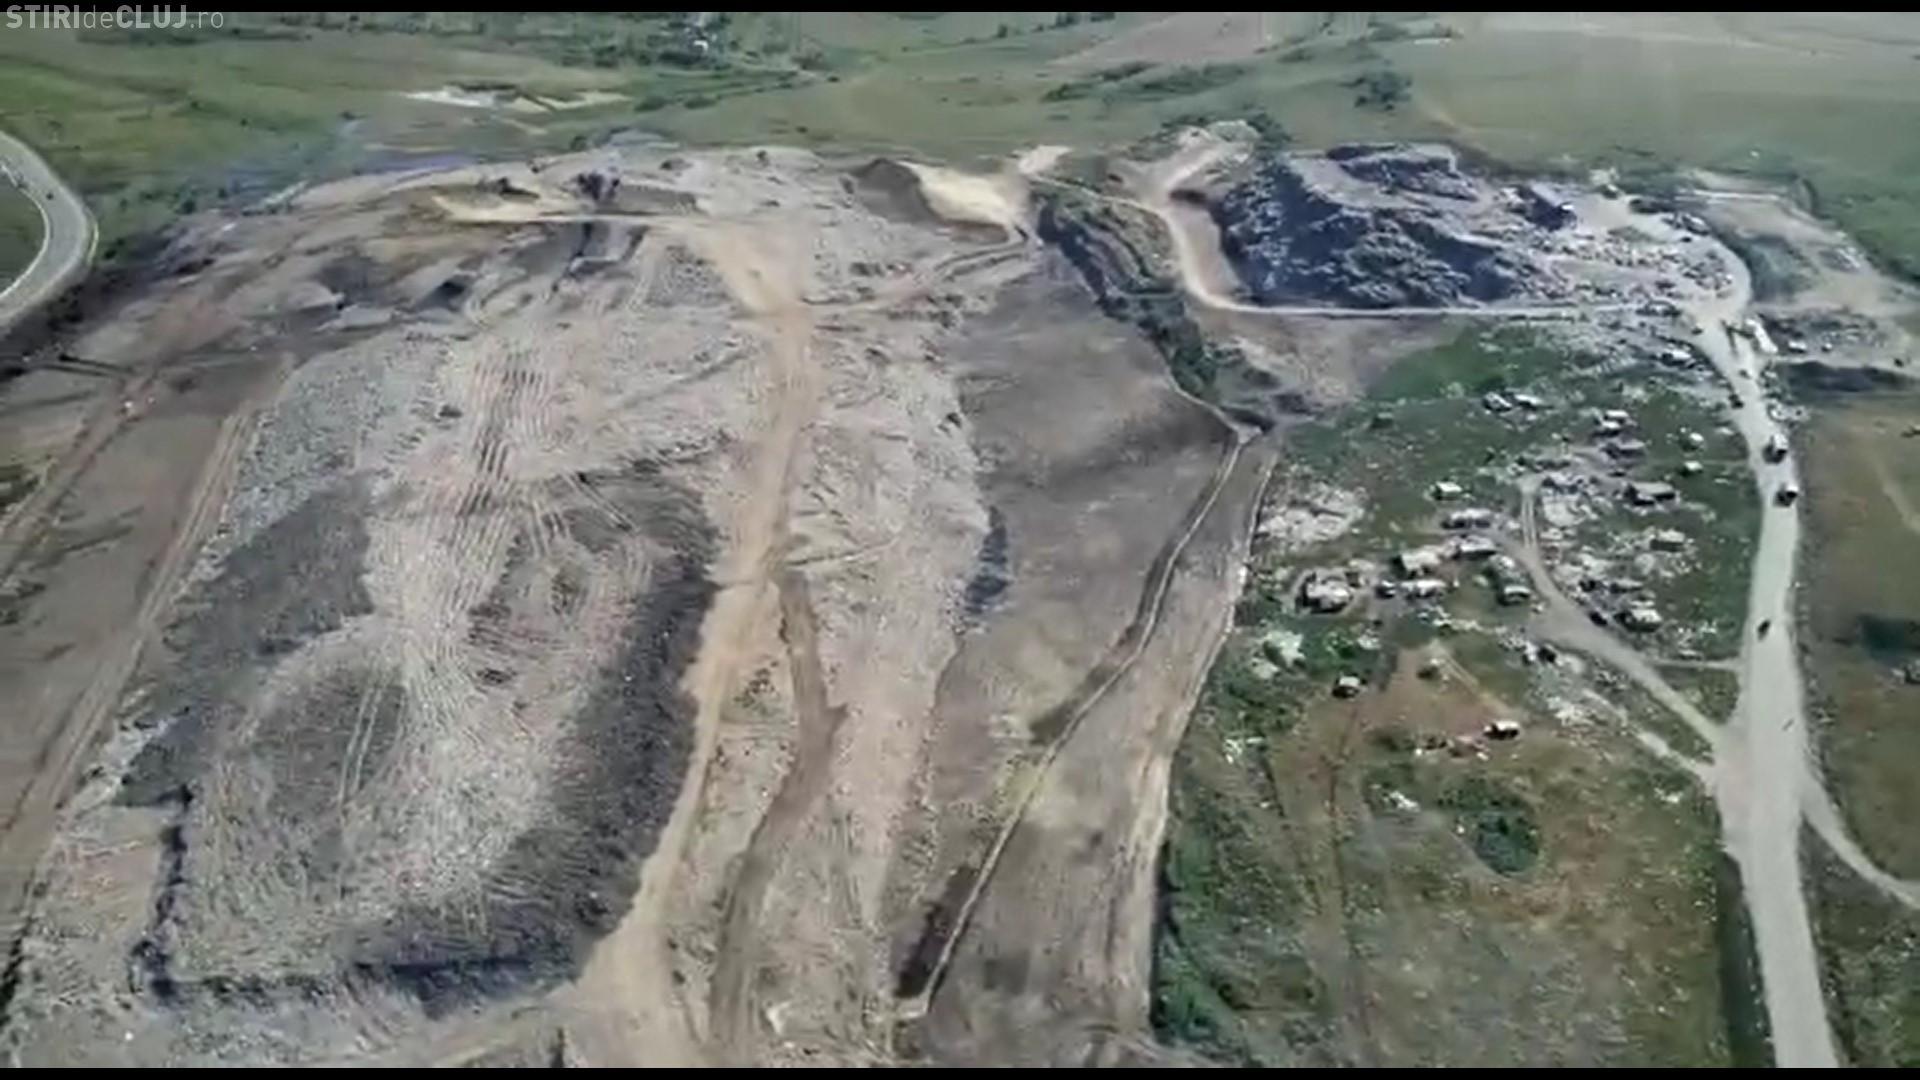 CJ Cluj susține că probele de apă și sol de la Pata Rât arată că lucrurile nu sunt atât de grave. Ce spun ecologiștii - VIDEO